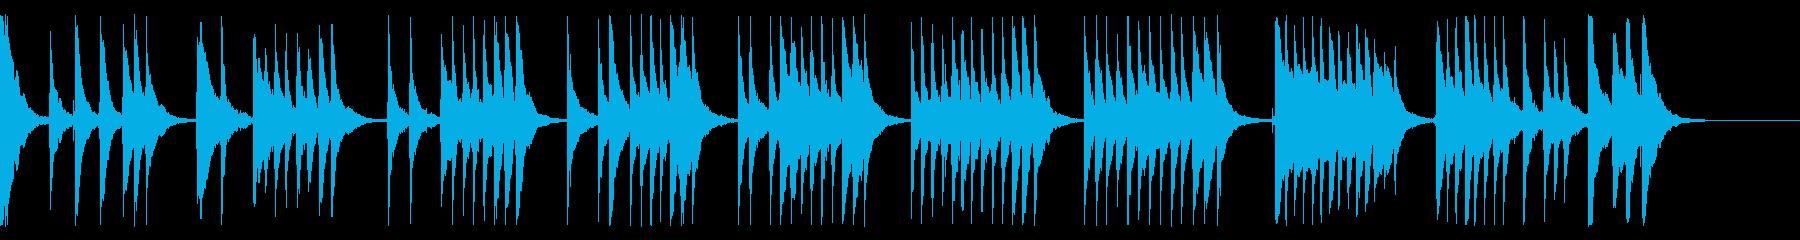 「通りゃんせ」三味線ソロの再生済みの波形